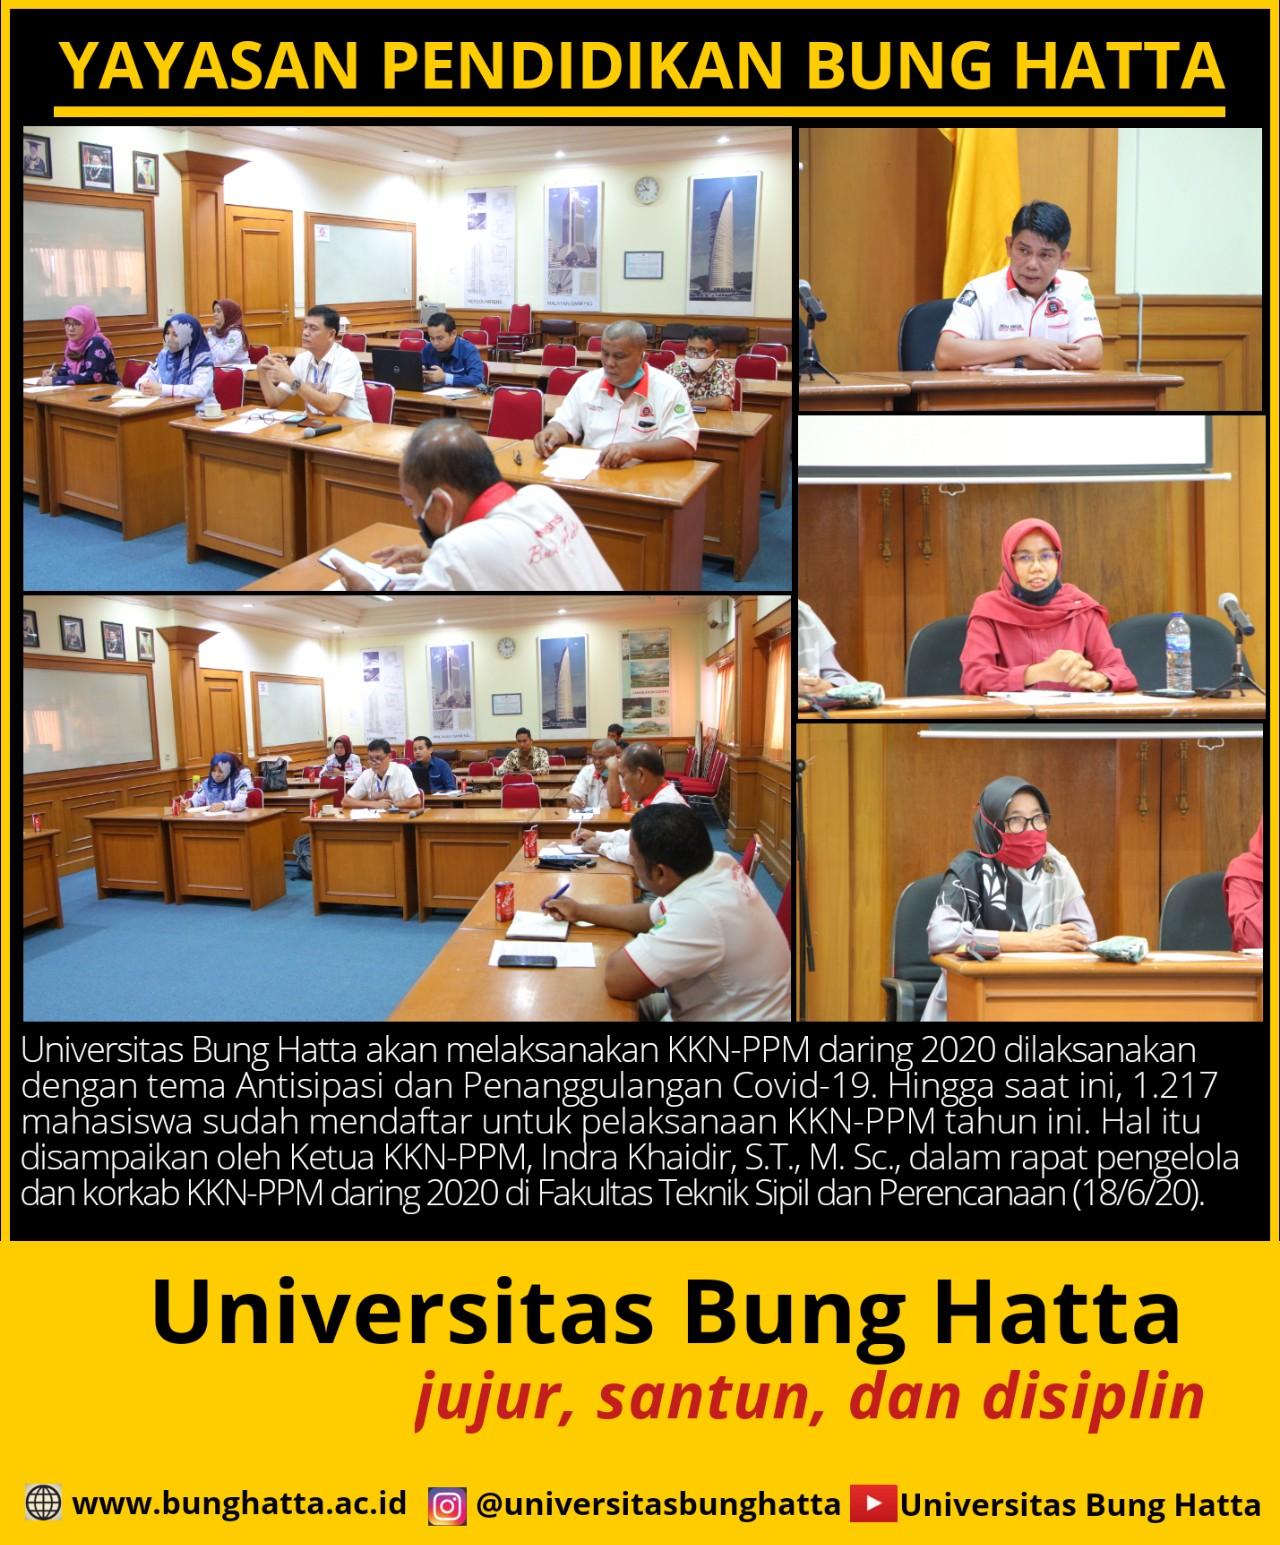 Rapat Persiapan Pelaksanaan Kkn Ppm Daring 2020 Universitas Bung Hatta Universitas Bung Hatta